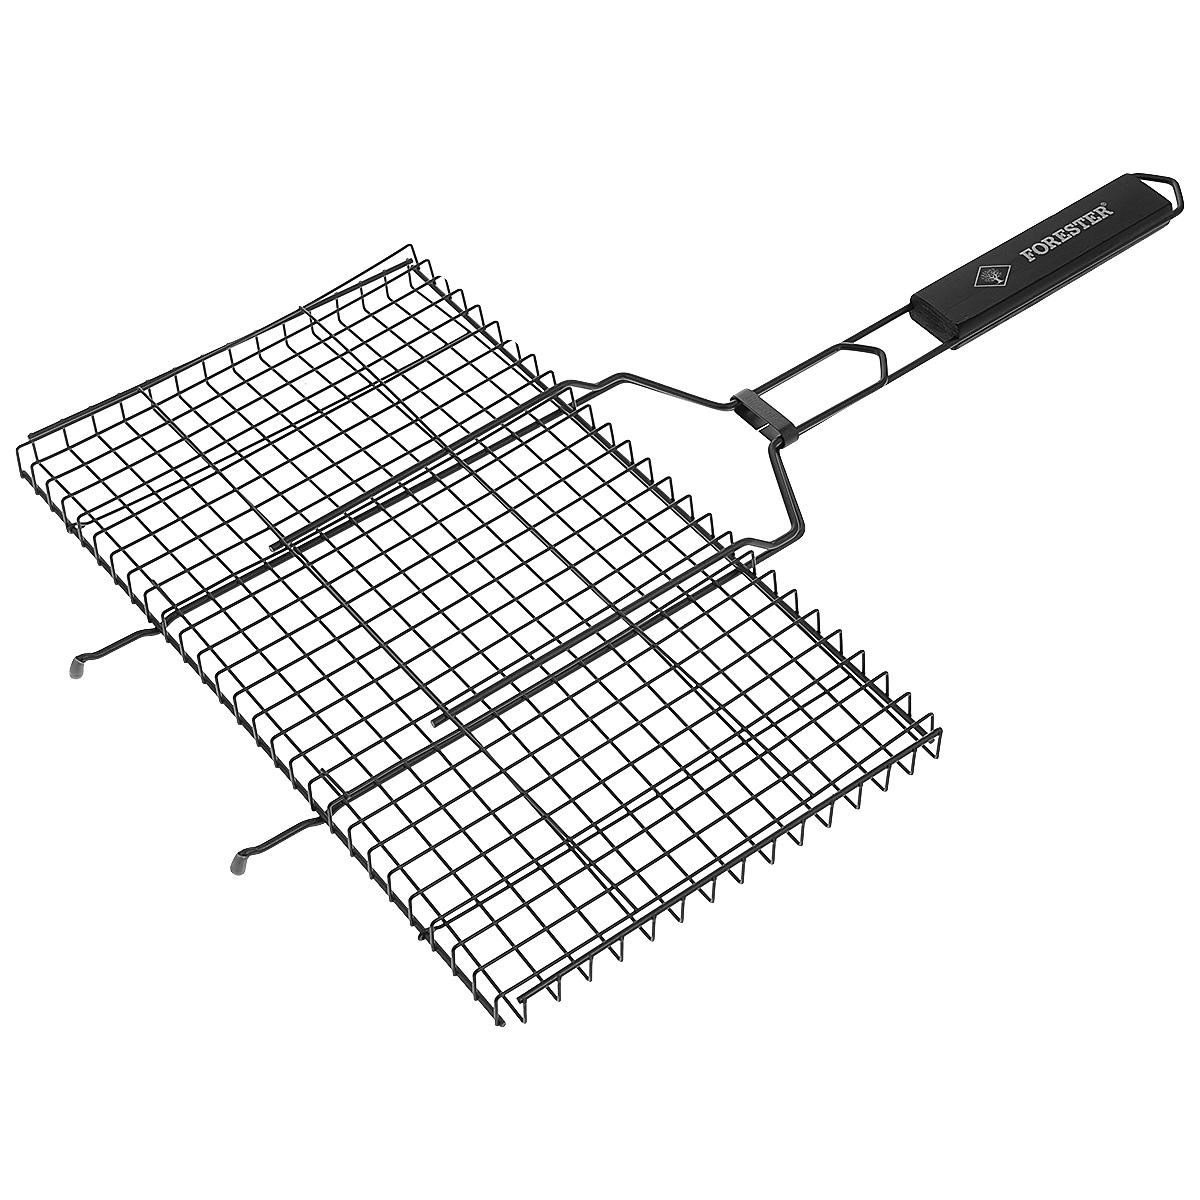 Решетка-гриль Forester, с антипригарным покрытием, цвет: черный, 45 см х 25 смBQ-NS02_черныйУниверсальная решетка-гриль Forester изготовлена из высококачественной стали с антипригарным покрытием. На решетке удобно размещать стейки, ребрышки, гамбургеры, сосиски, рыбу, овощи. Предназначена для приготовления пищи на углях. Блюда получаются сочными, ароматными, с аппетитной специфической корочкой. Рукоятка изделия оснащена деревянной вставкой и фиксирующей скобой, которая зажимает створки решетки. Размер рабочей поверхности решетки (без учета усиков): 45 см х 25 см.Общая длина решетки (с ручкой): 69 см.